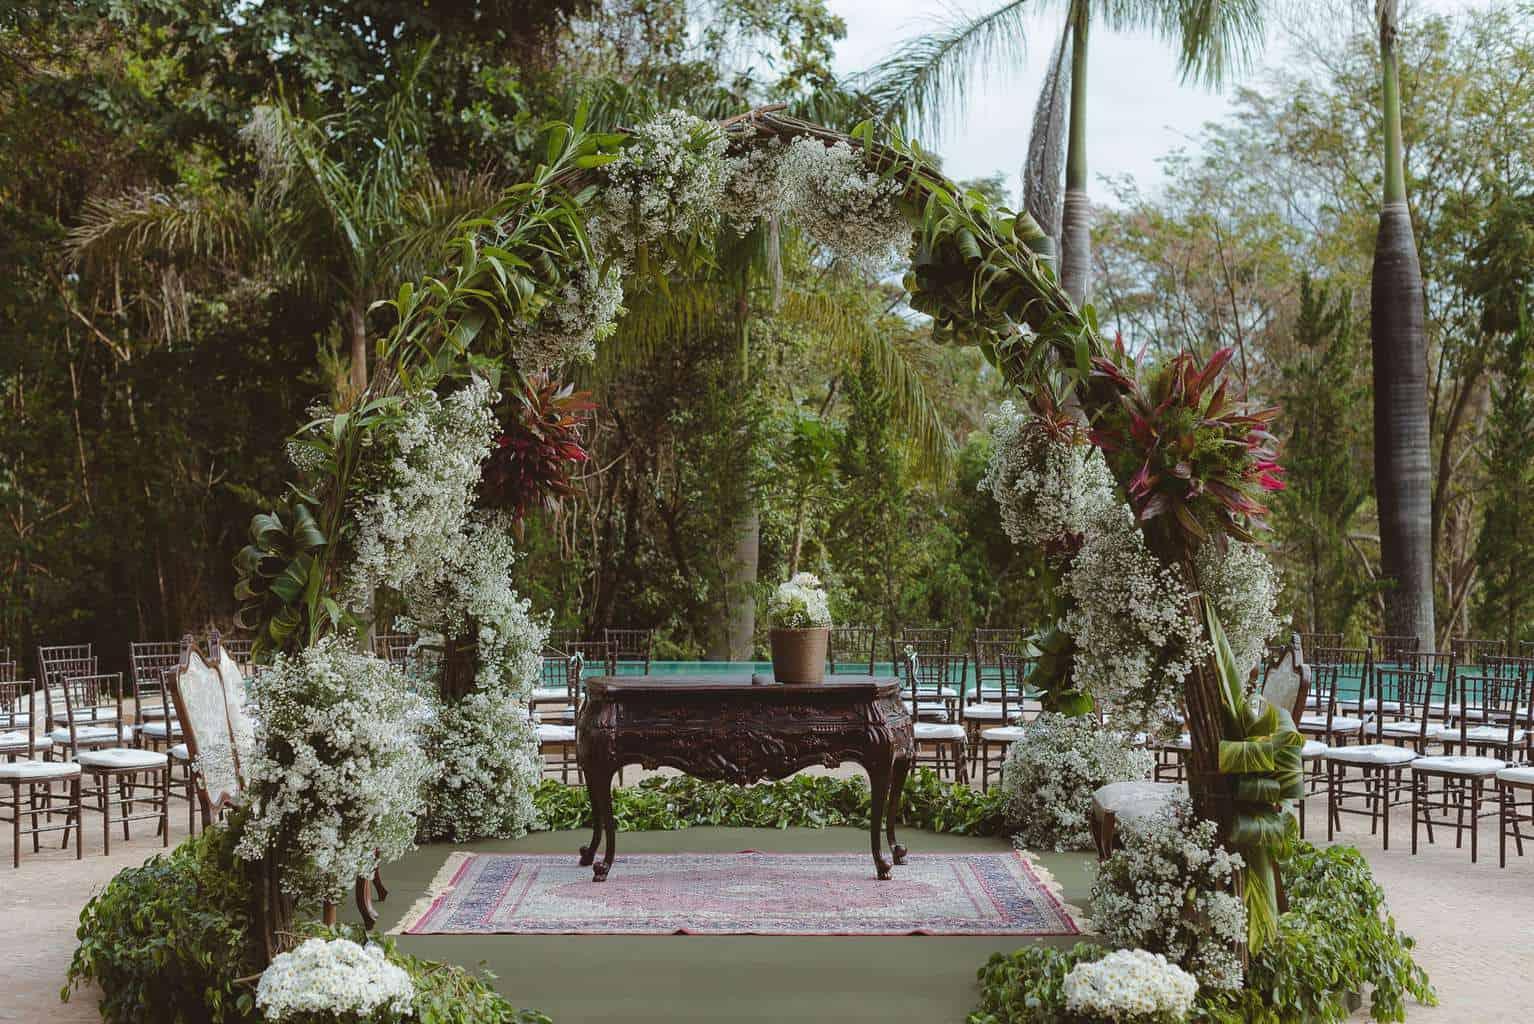 casamento-ao-ar-livre-casamento-boho-casamento-geek-casamento-rustico-casamento-Thais-e-Pedro-cerimônia-decor-cerimônia-Revoar-Fotografia-Villa-Borghese-Eventos-7